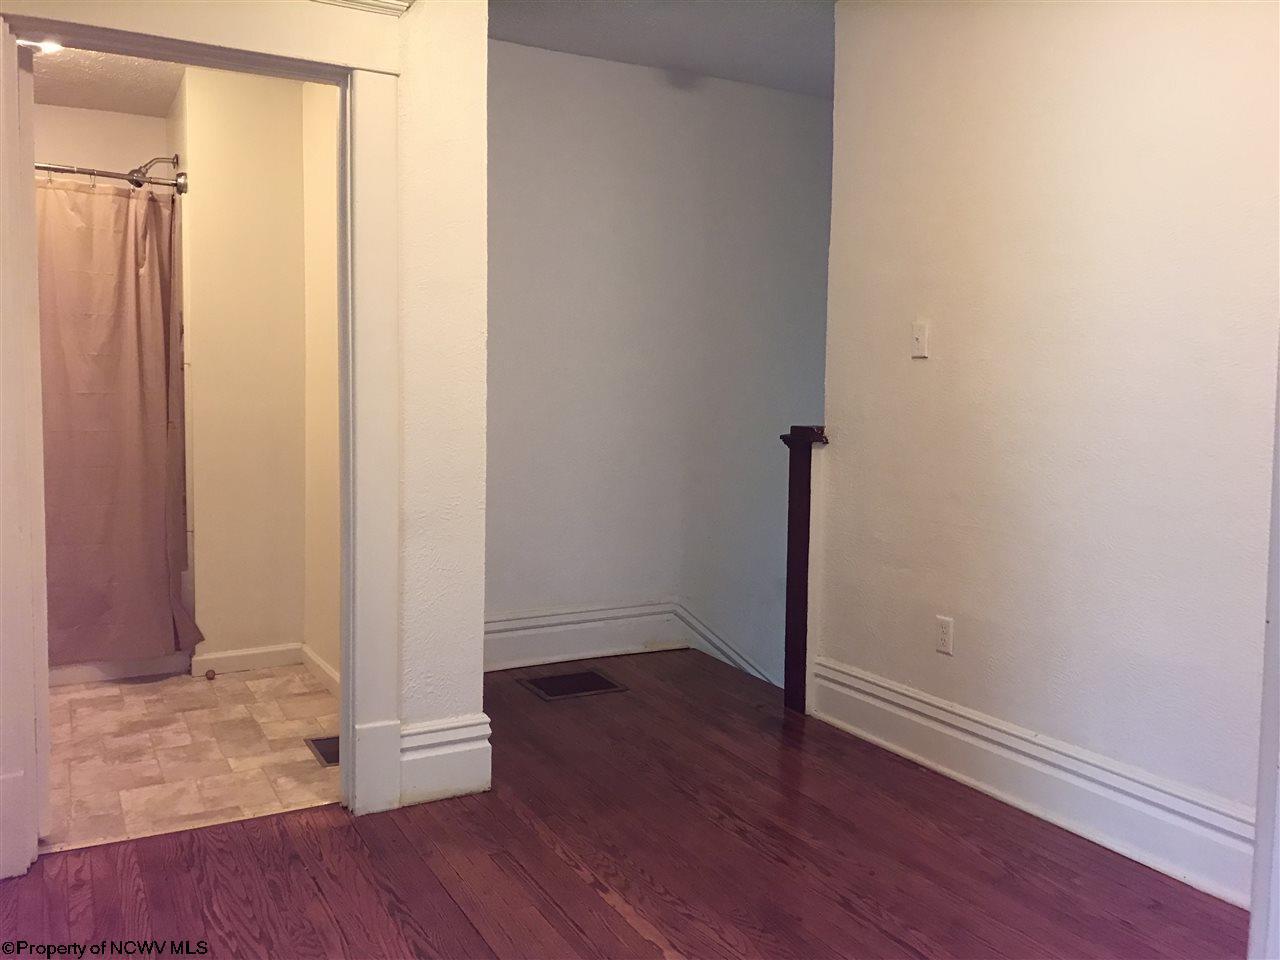 laminate flooring vs hardwood resale value of 509 east park avenue fairmont wv 26554 single family houses intended for 509 east park avenue fairmont wv 26554 single family houses wvhomes com